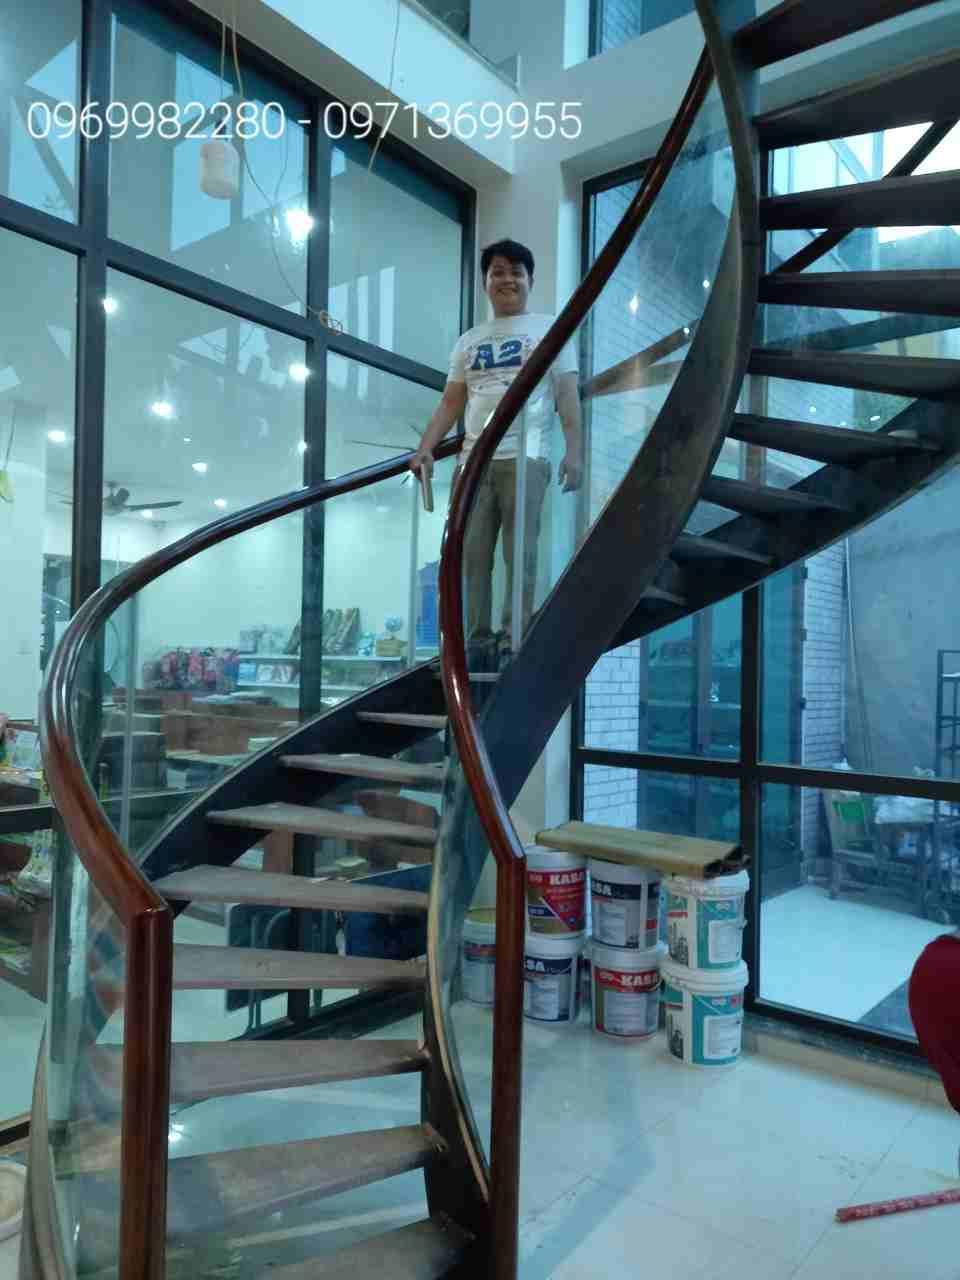 Công trình cầu thang xoắn ốc, cầu thang xoáy tiêu biểu Cầu Thang Nhà Việt  đã thi công năm 2020